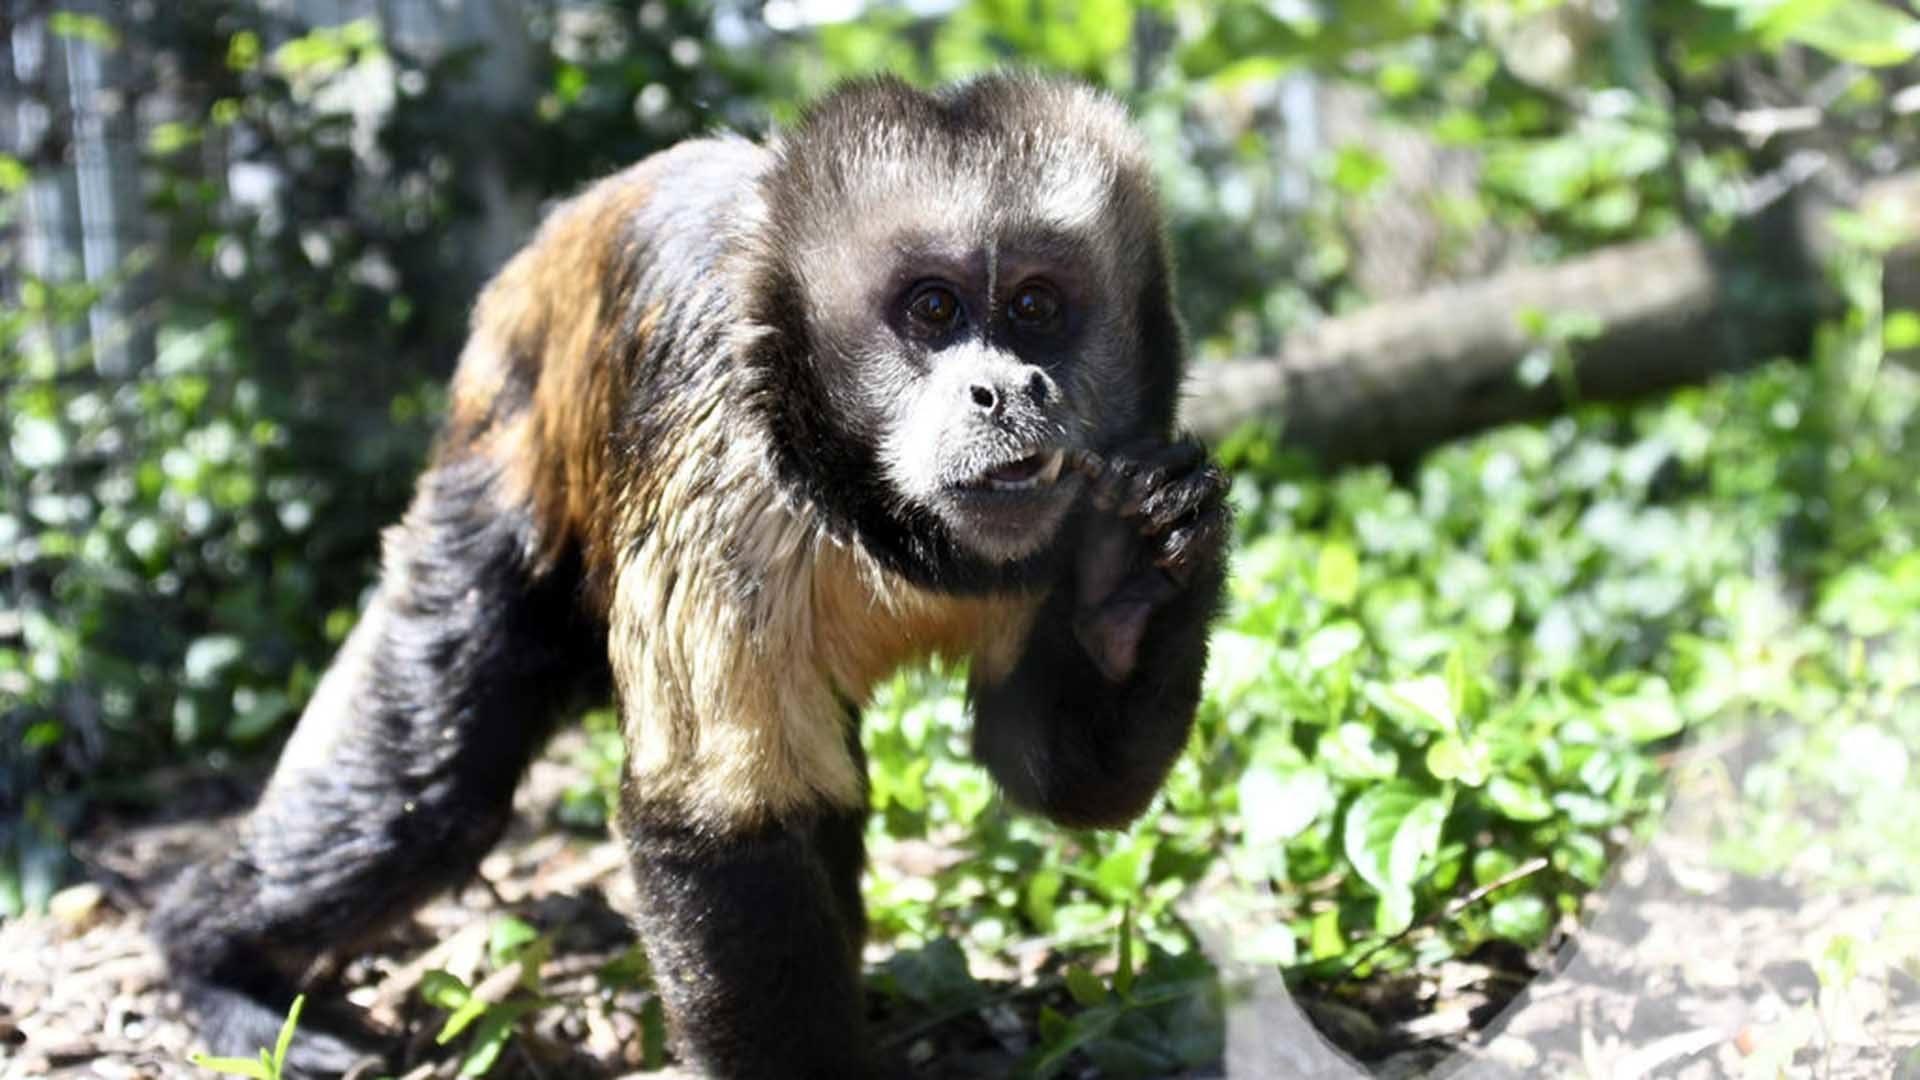 Journée découverte au zoo de Mulhouse : le parc coordonne l'eep du capucin à poitrine jaune en danger critique d'extinction